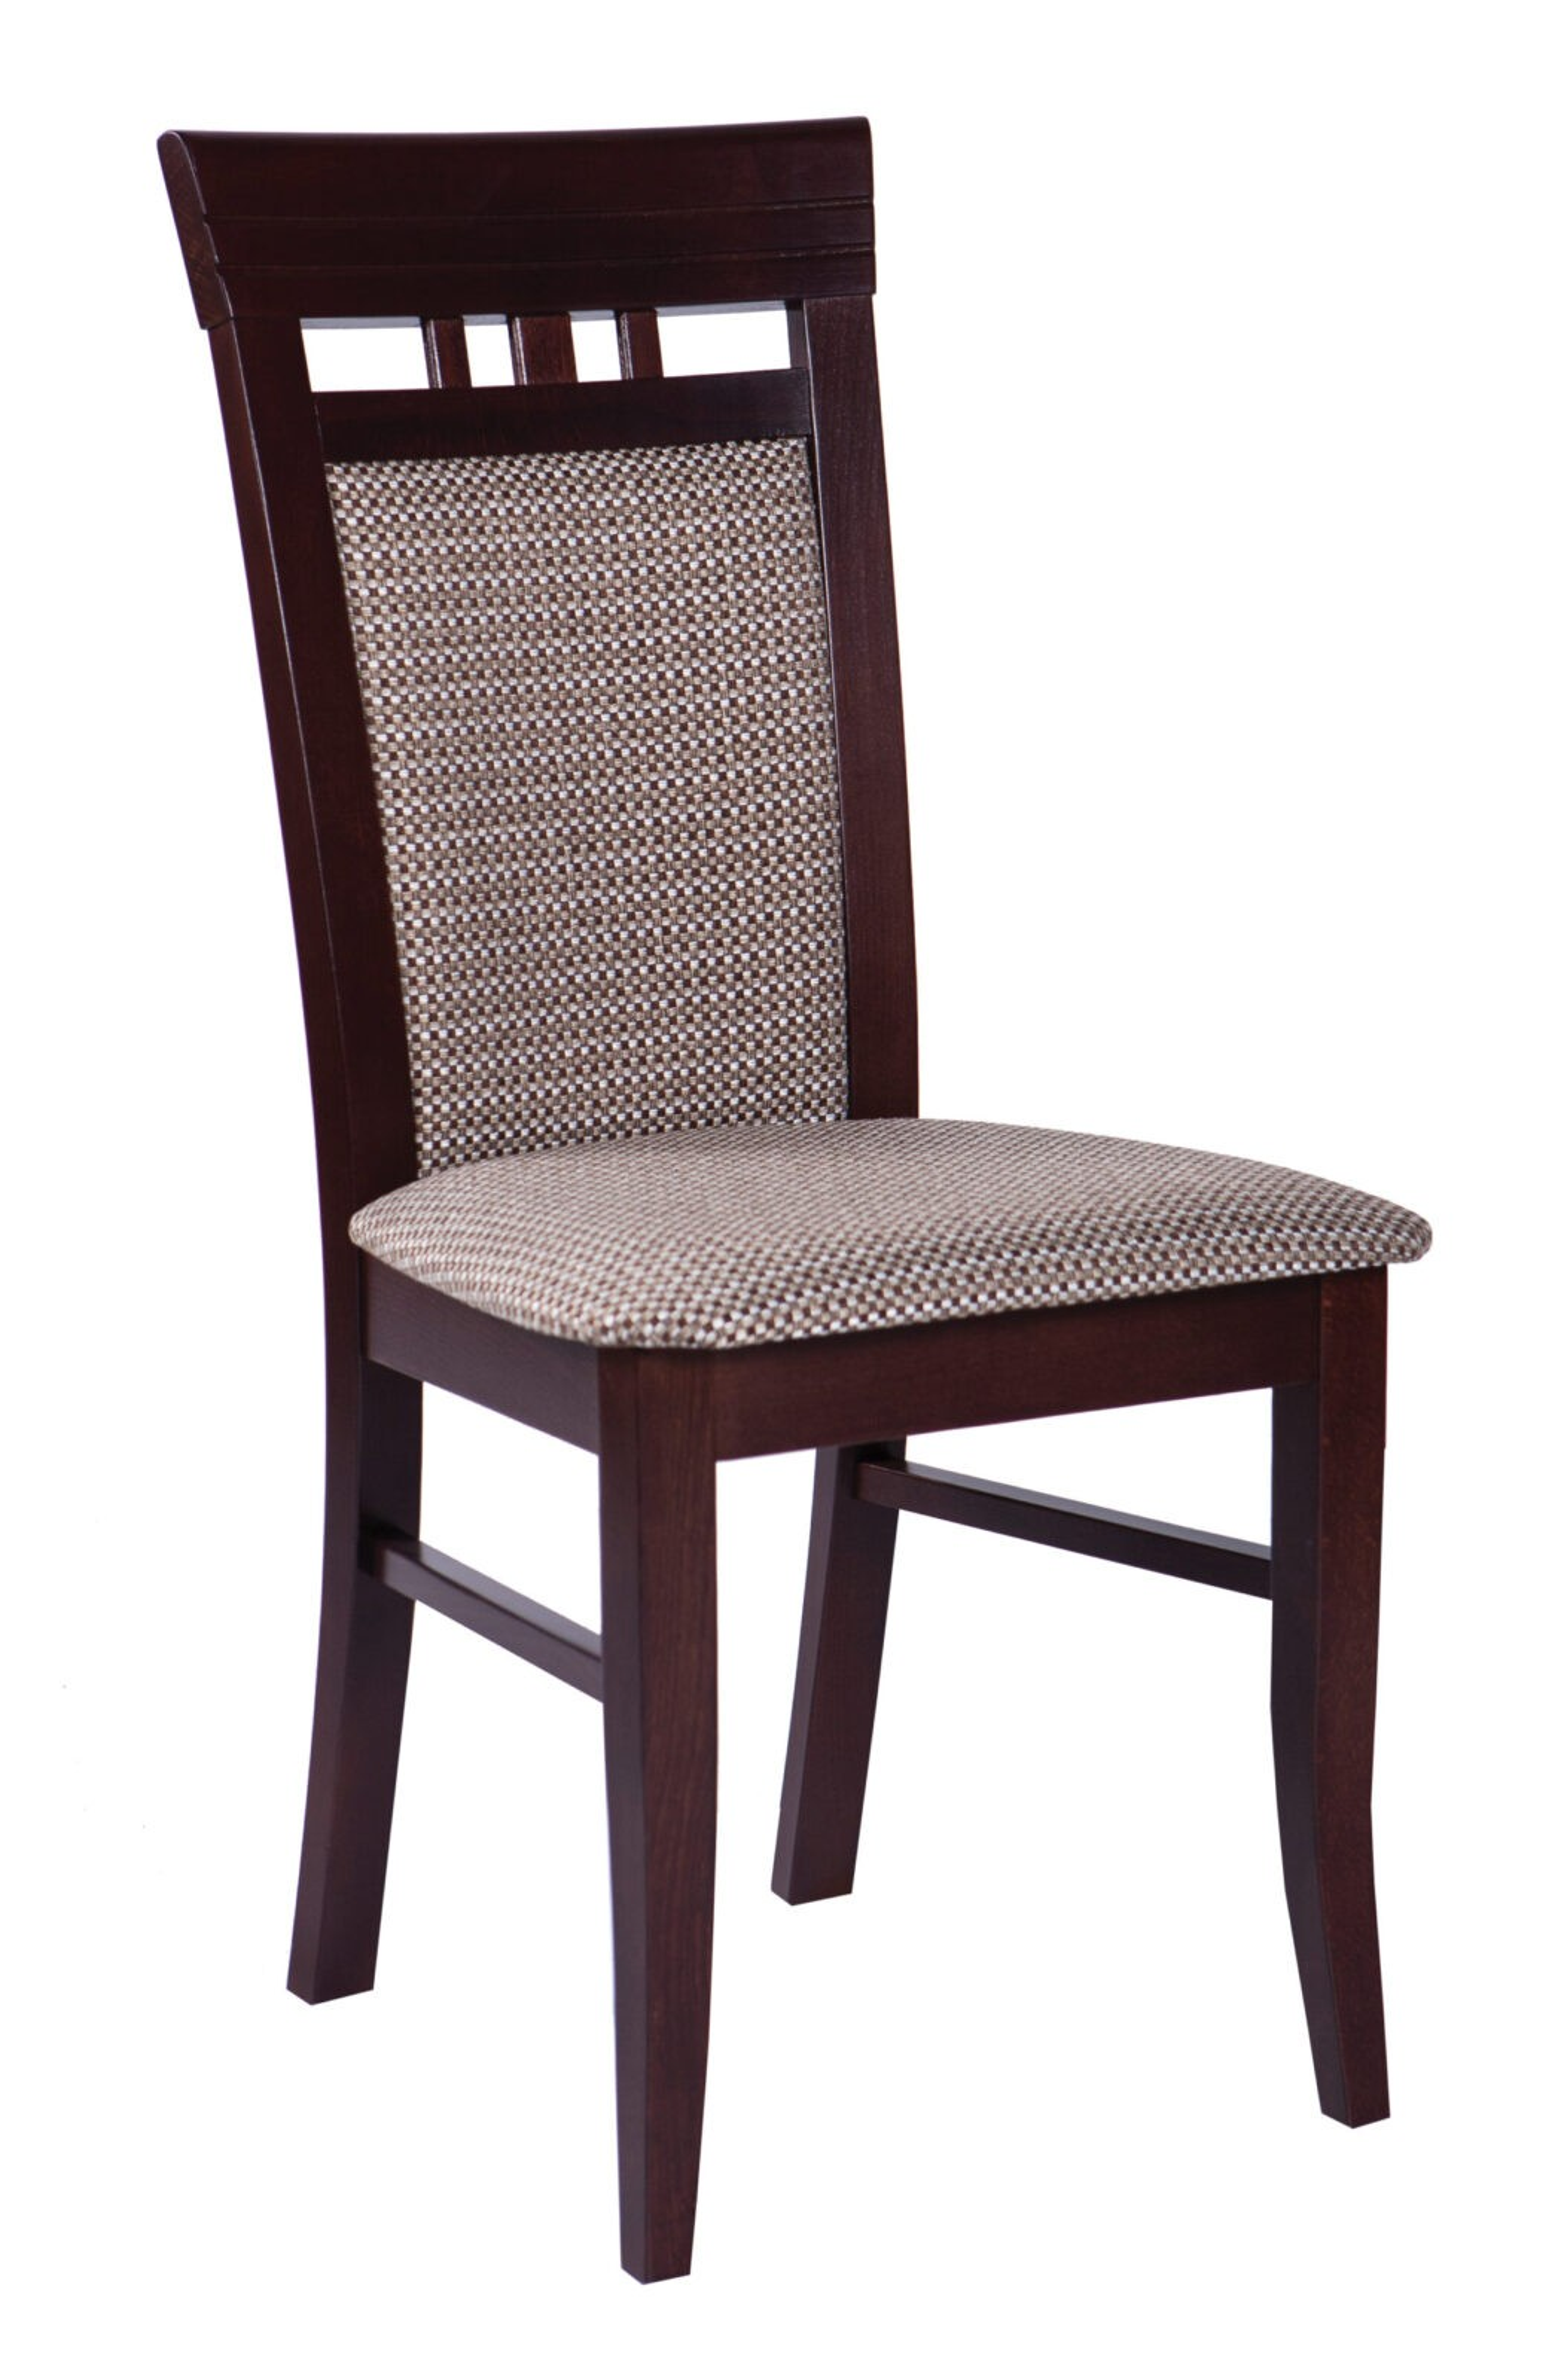 Krzesło drewniane tapicerowane MR 11 profilowane oparcie